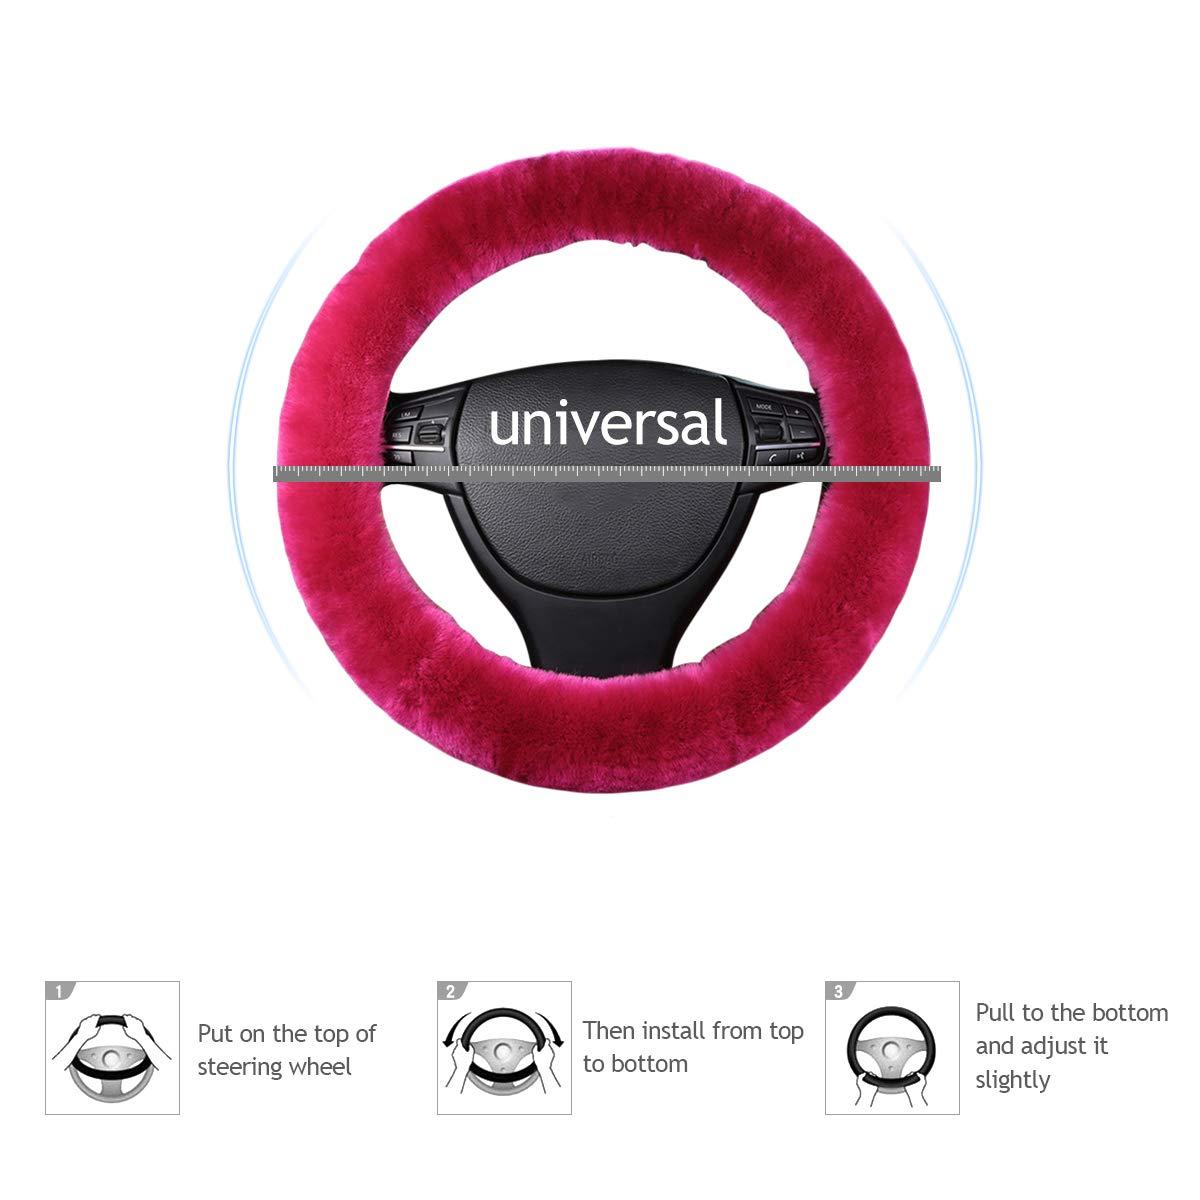 Rosa Fluorescente Ergocar Lana Pura Funda para Volante de Coche Suave Universal Antideslizante Invierno C/álido Protector del Volante del Coche